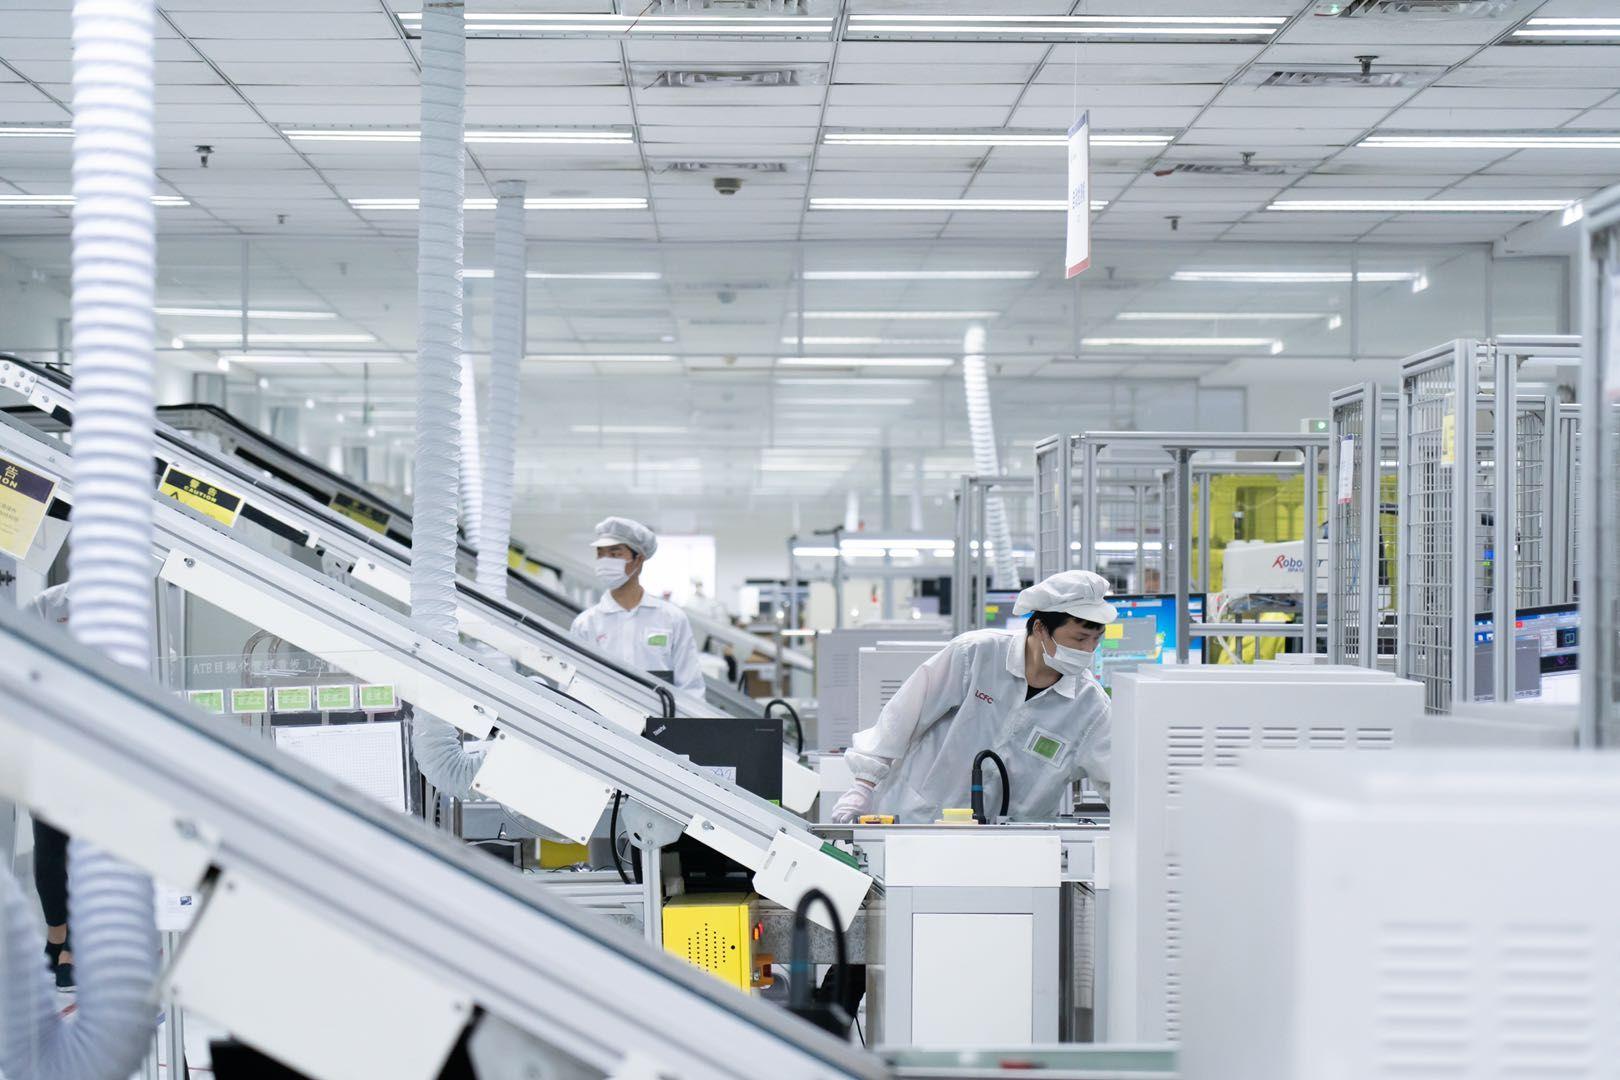 联想合肥联宝工厂两条5G生产线投入使用,加速智能制造落地